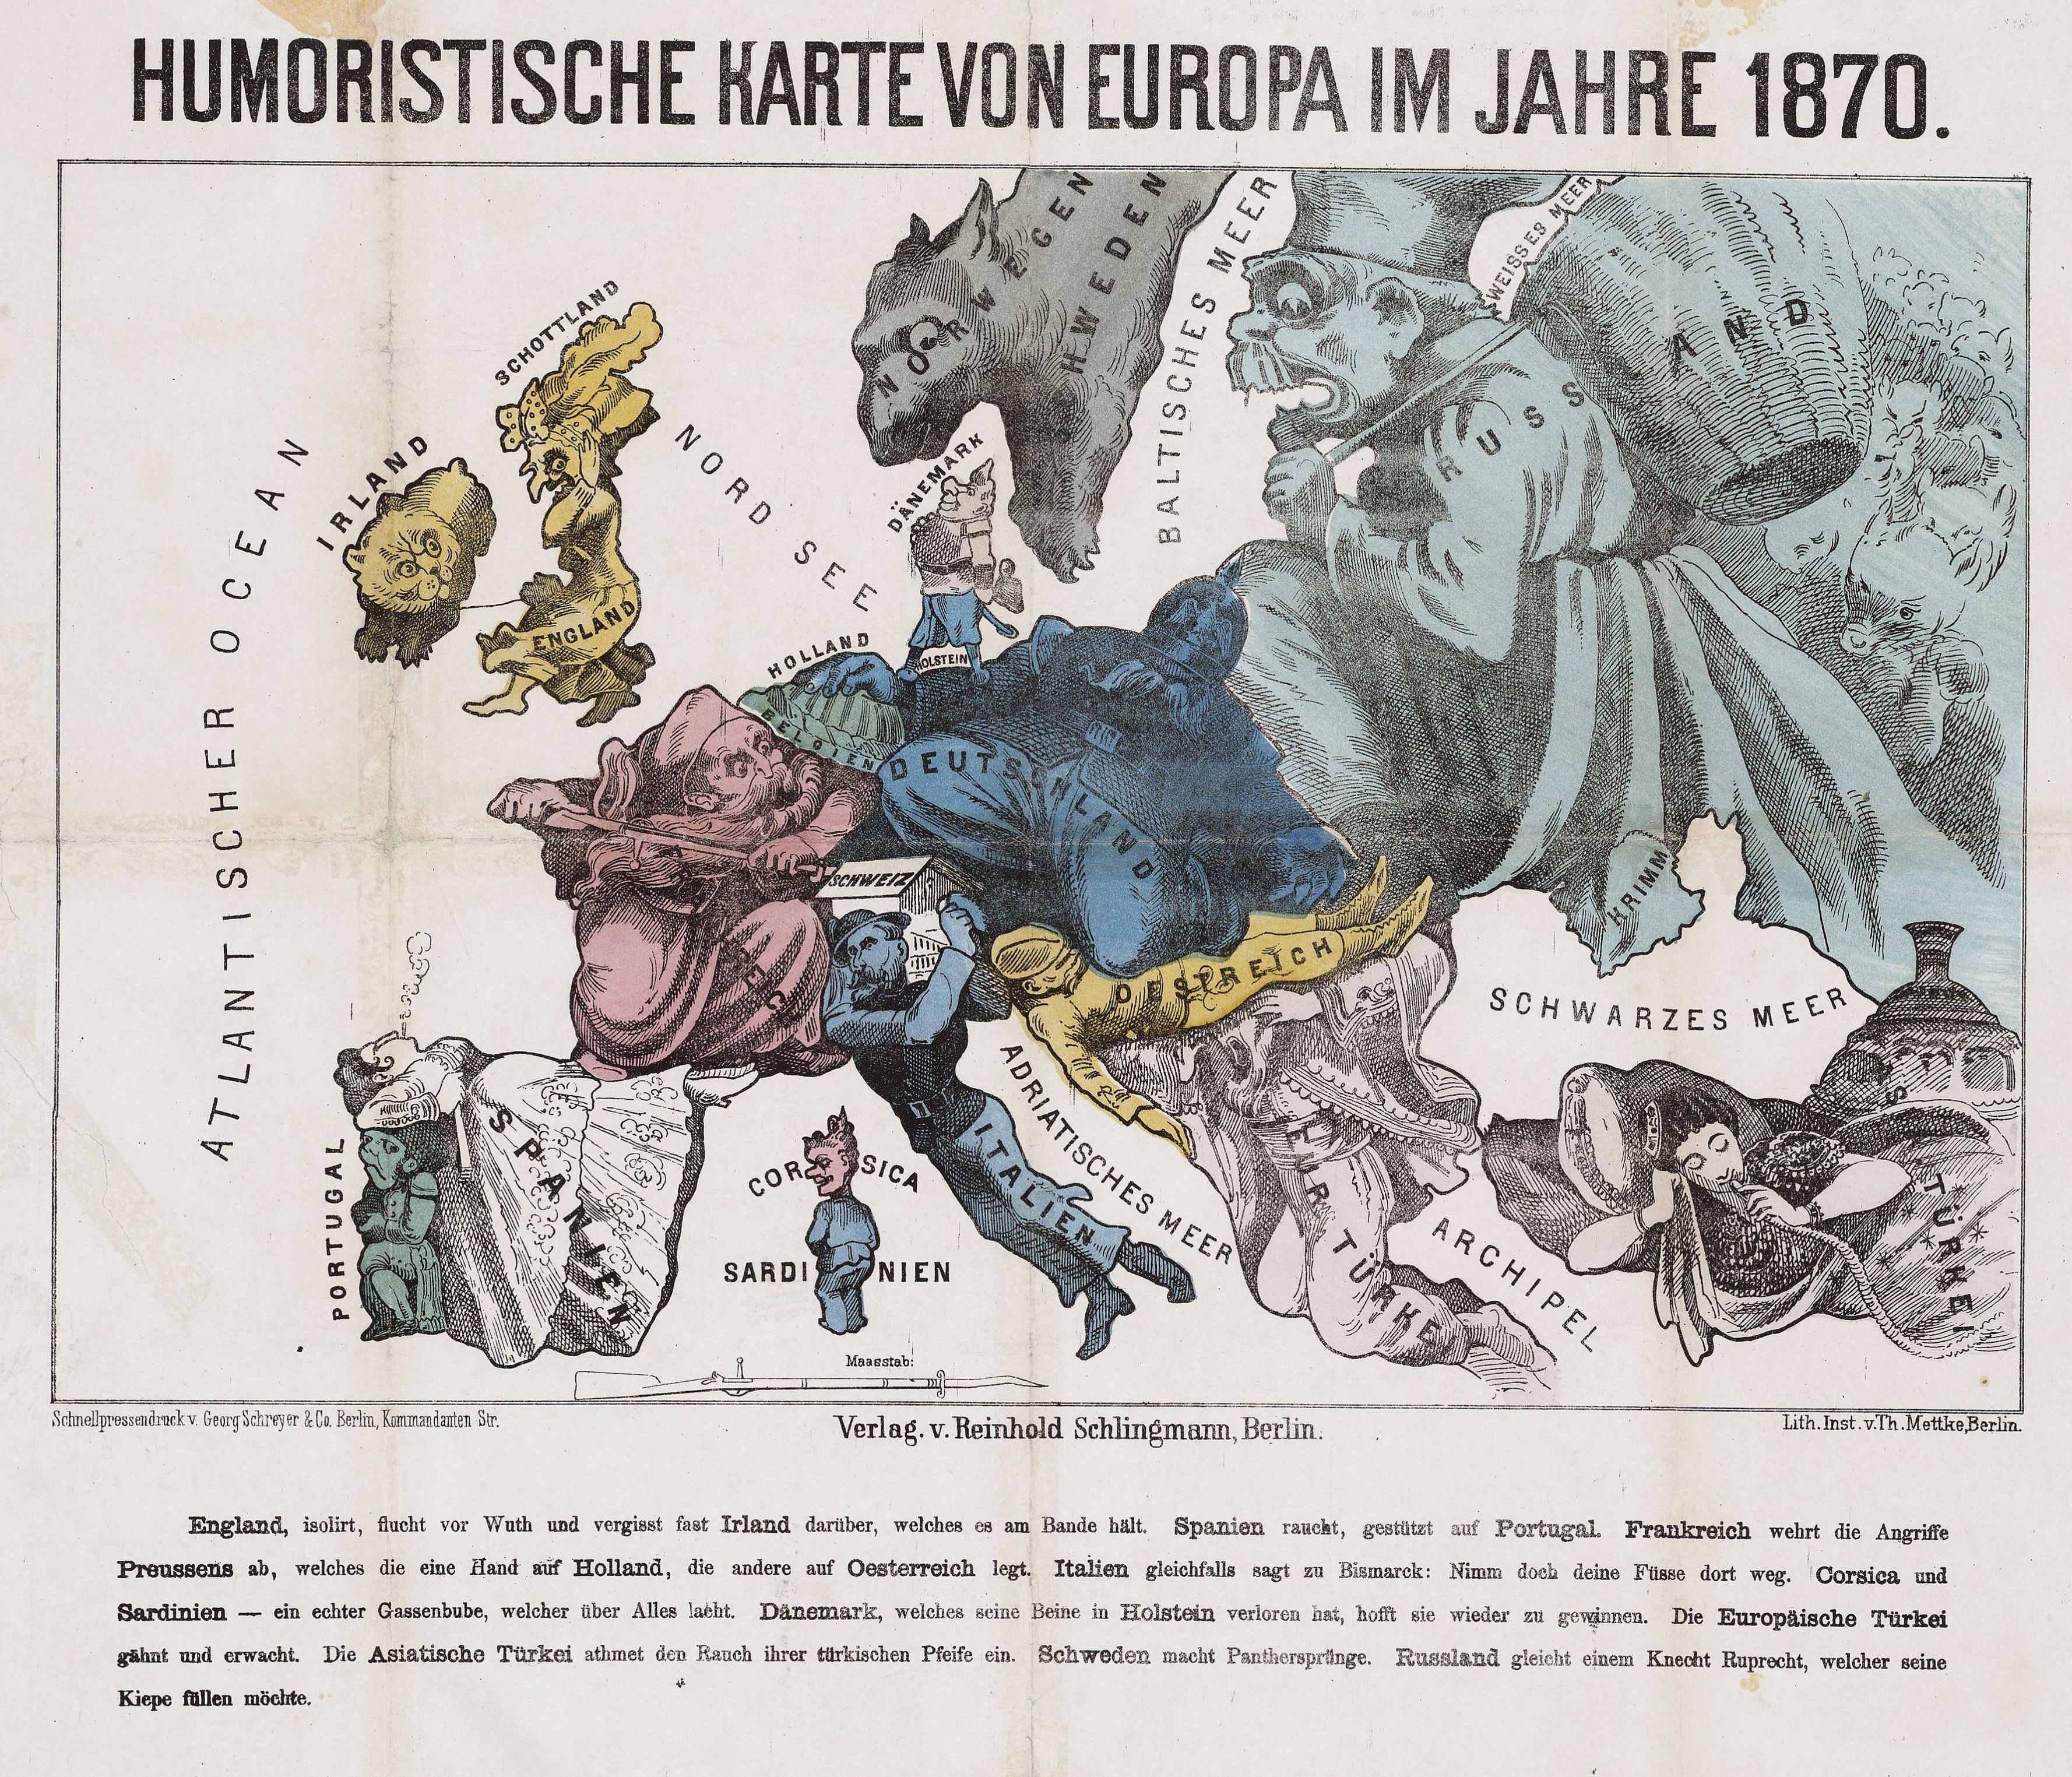 1870 humoristische karte von europa1